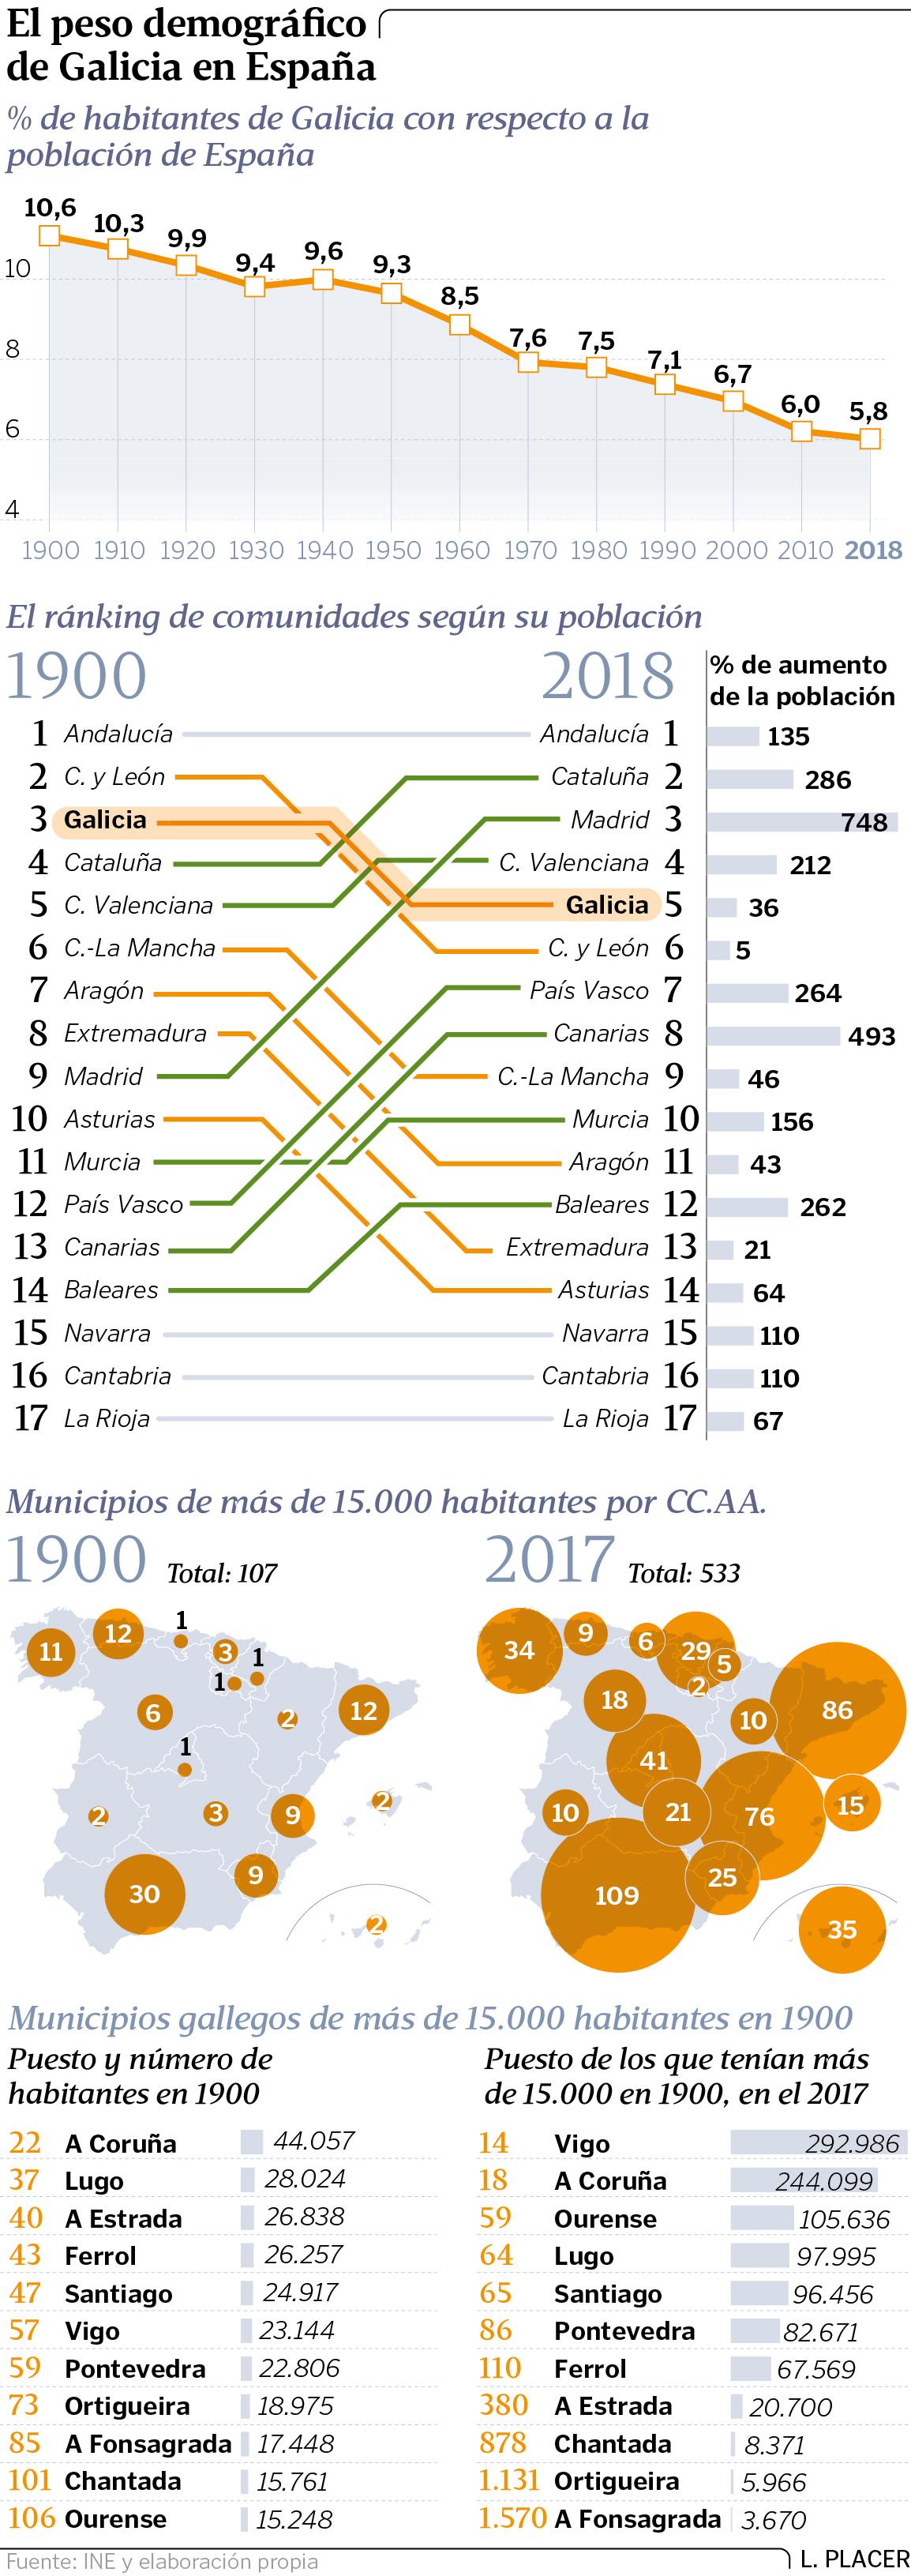 Galiza, demografía: Despoblamiento rural, más de 200.000 casas deshabitadas. - Página 3 VEmDAqgnlx3YShPbeHOd5WyB4KkyysXFHcsCZuG4i